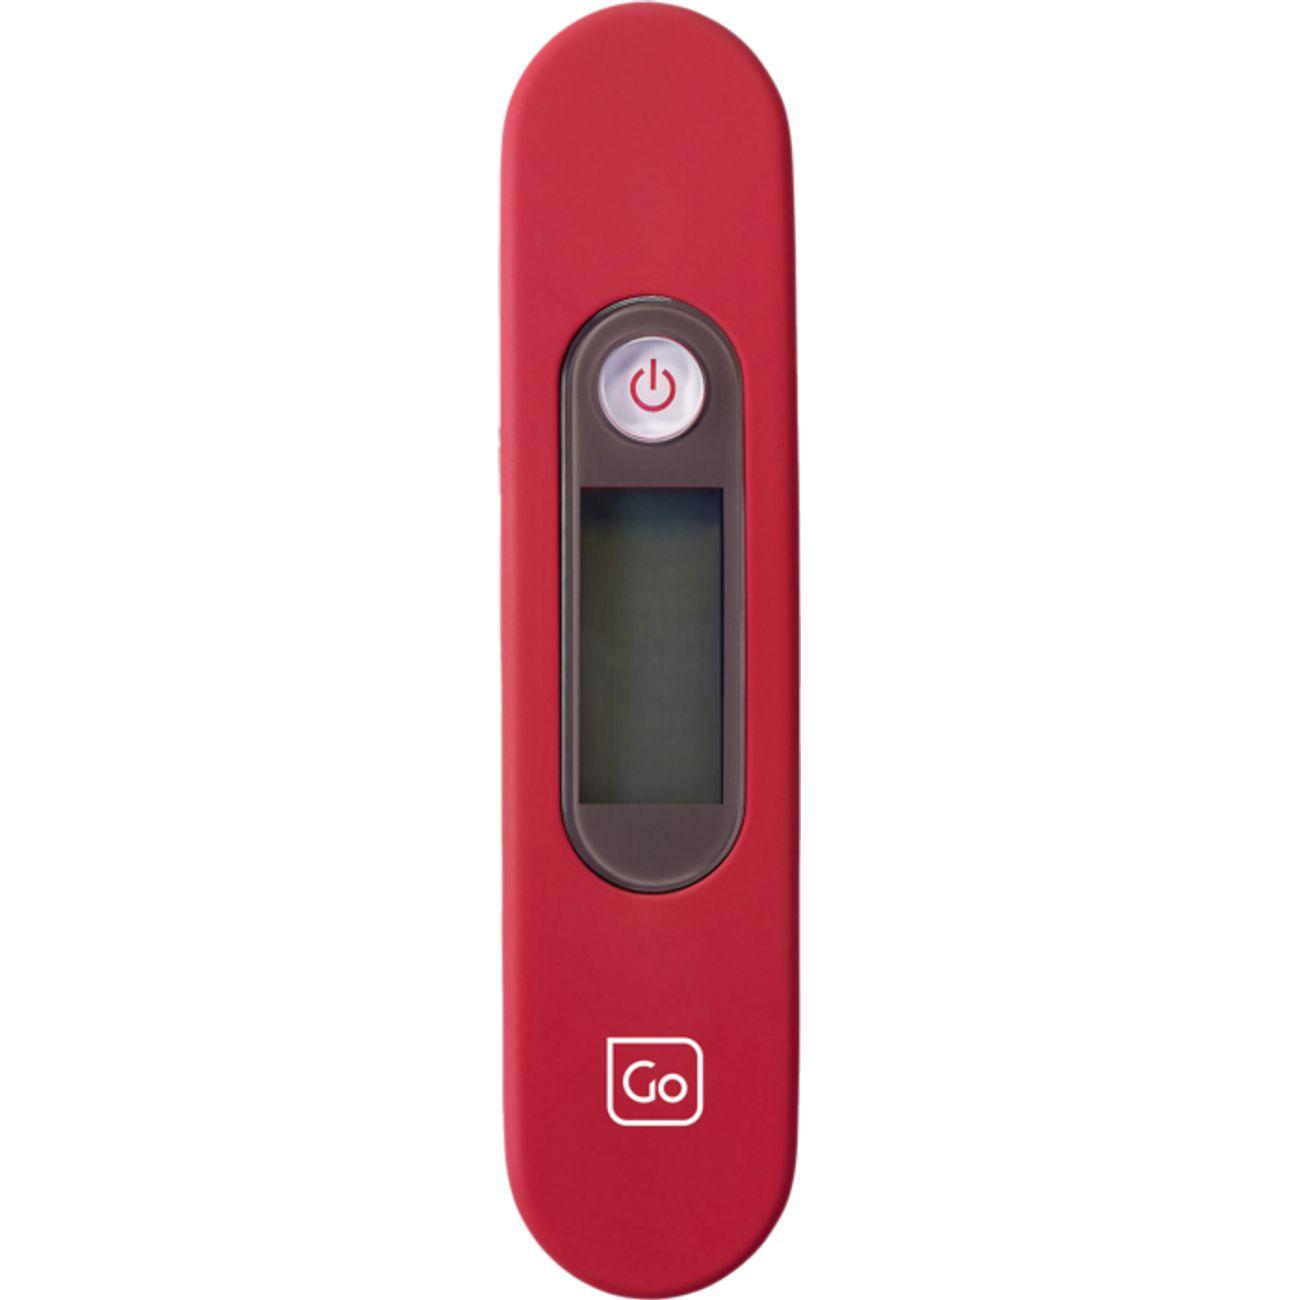 accessoire   GO TRAVEL Microbalance numérique